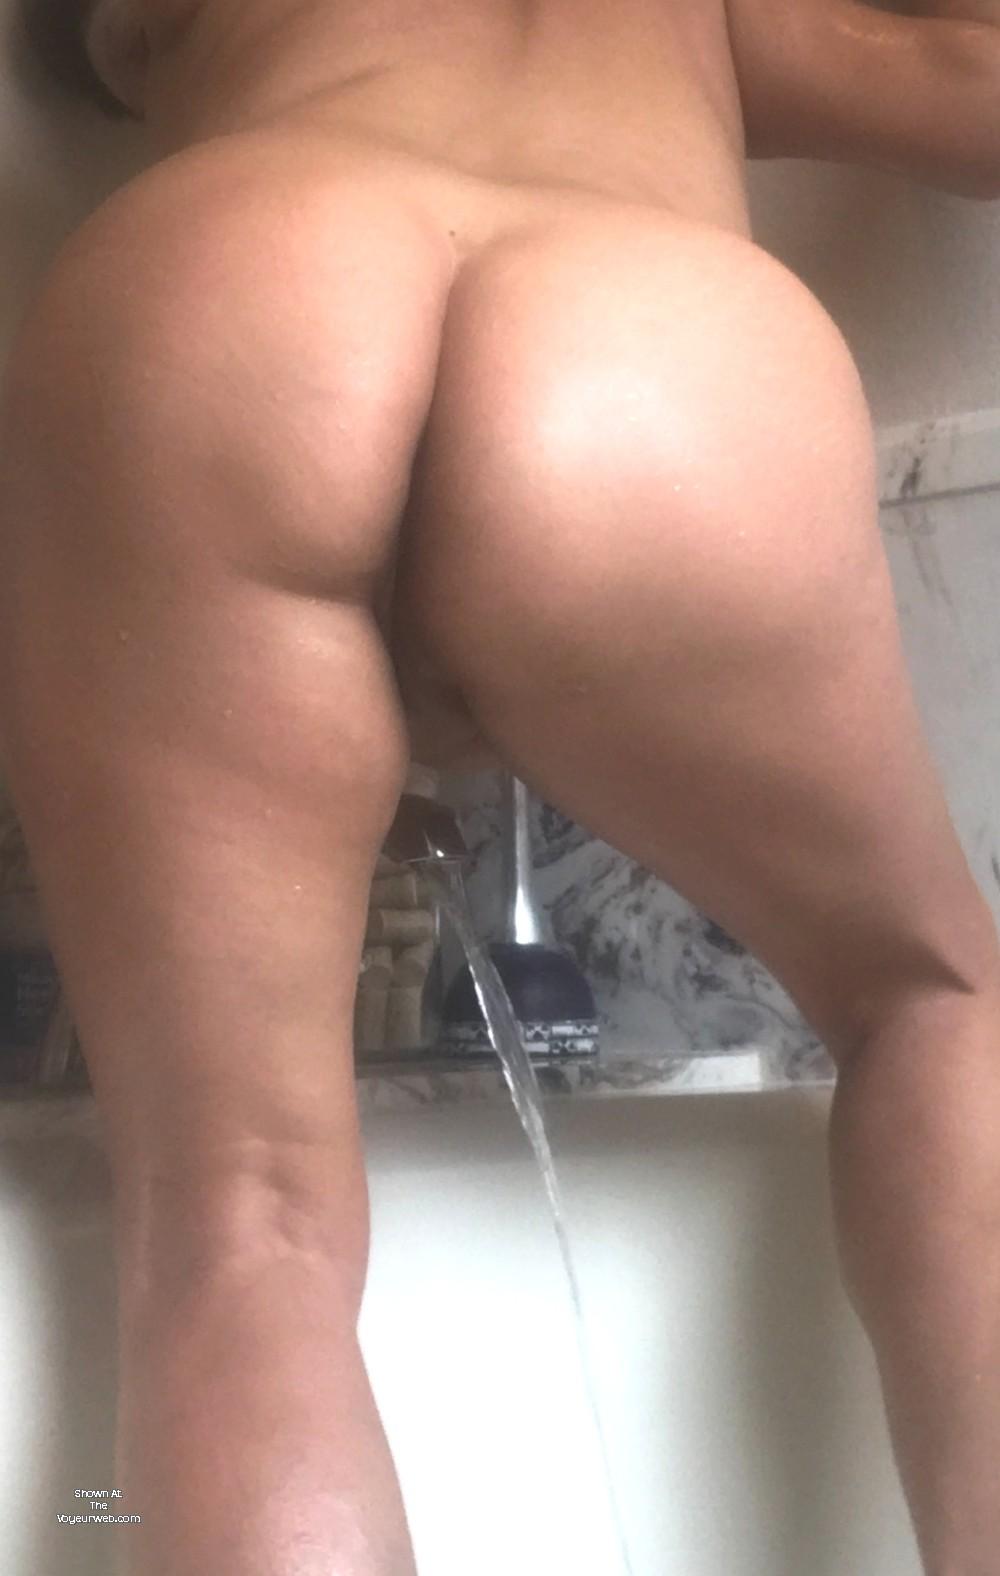 Pic #1My girlfriend's ass - Melissa